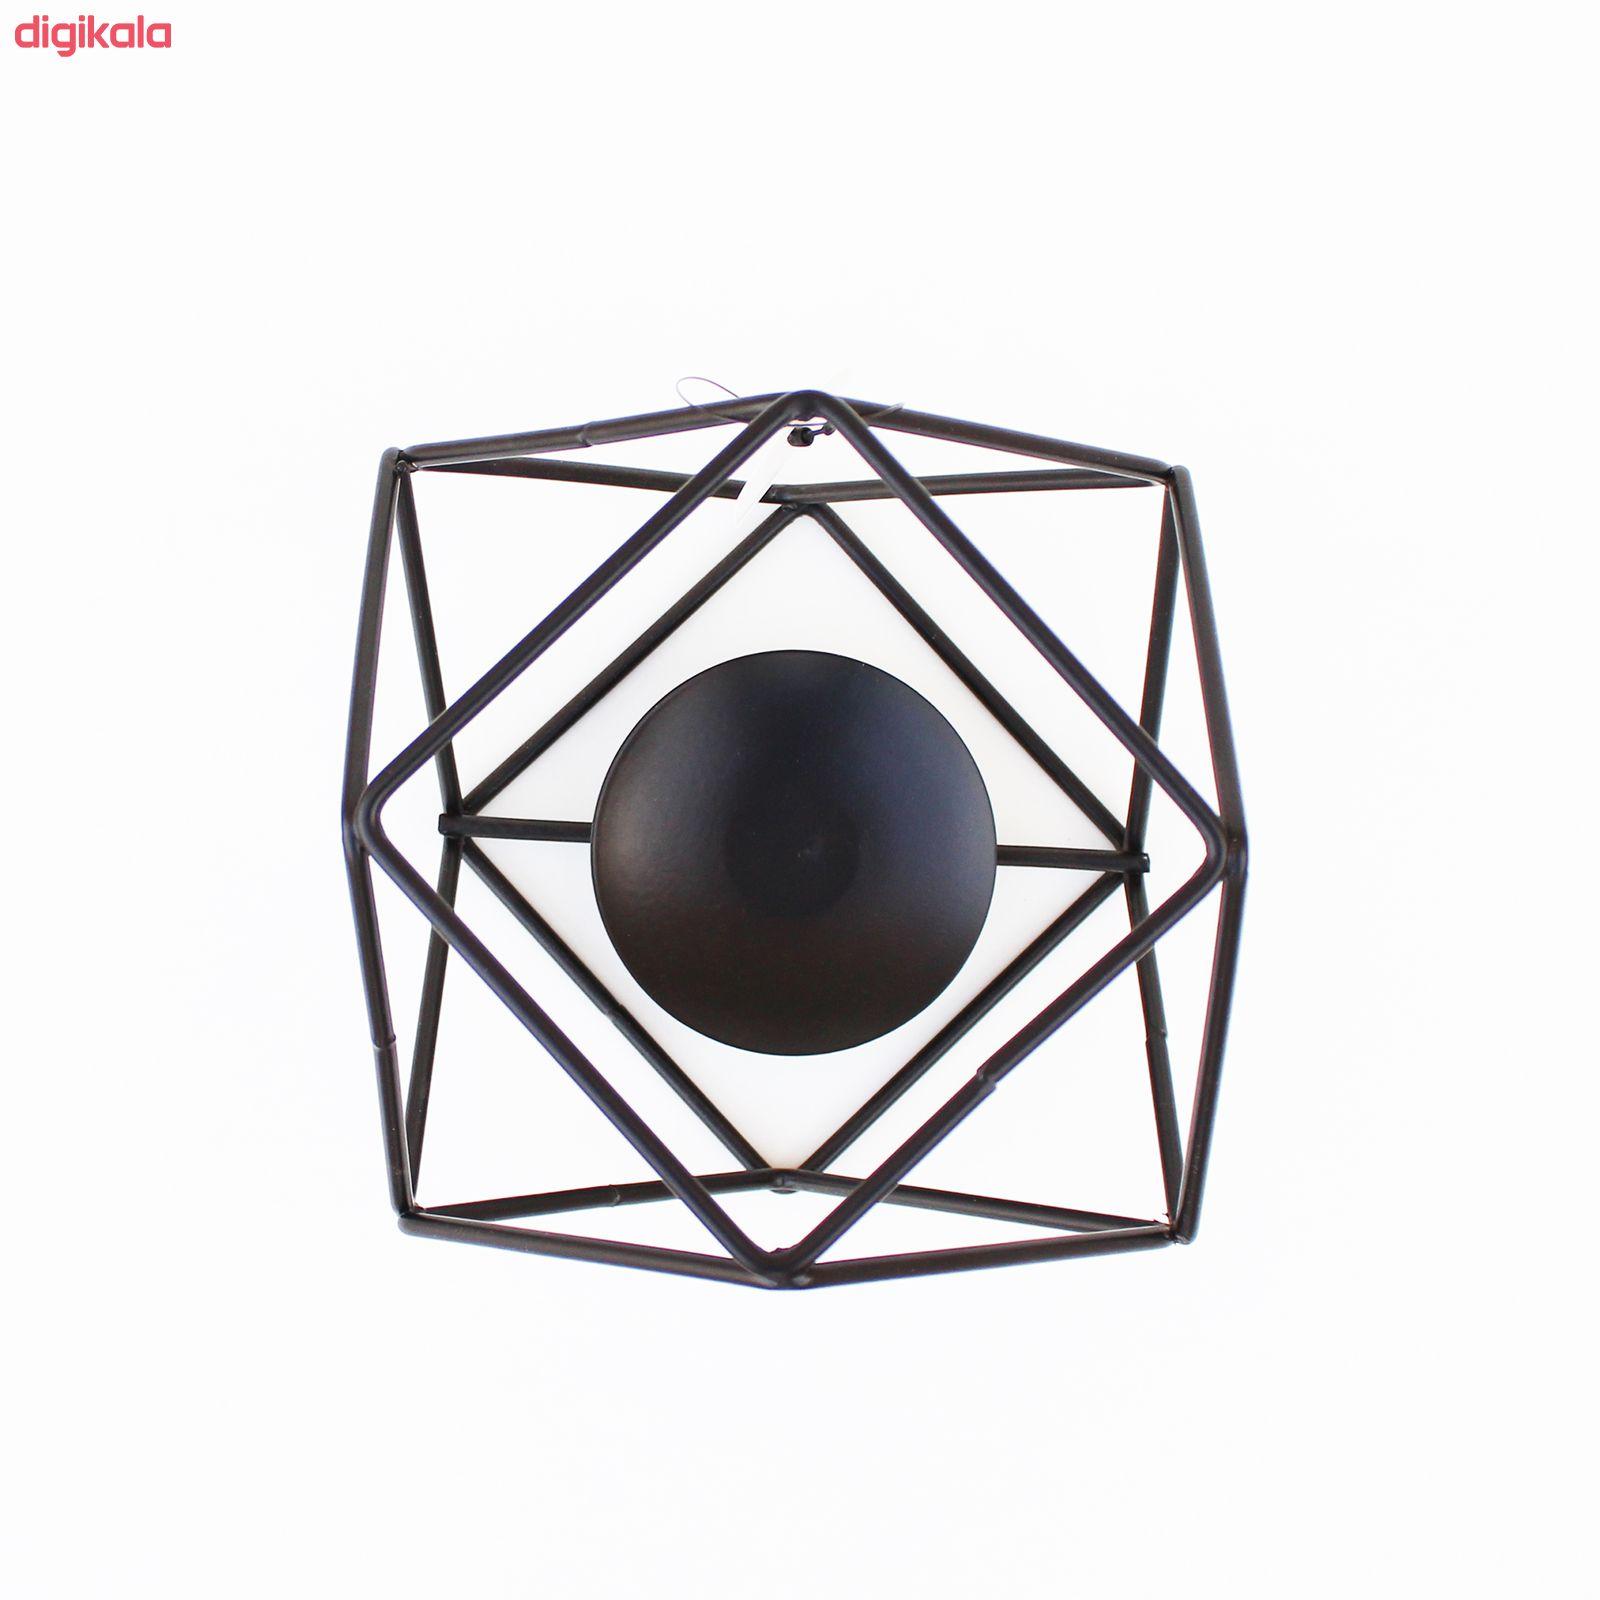 شمعدان طرح مکعب کد 116 main 1 3